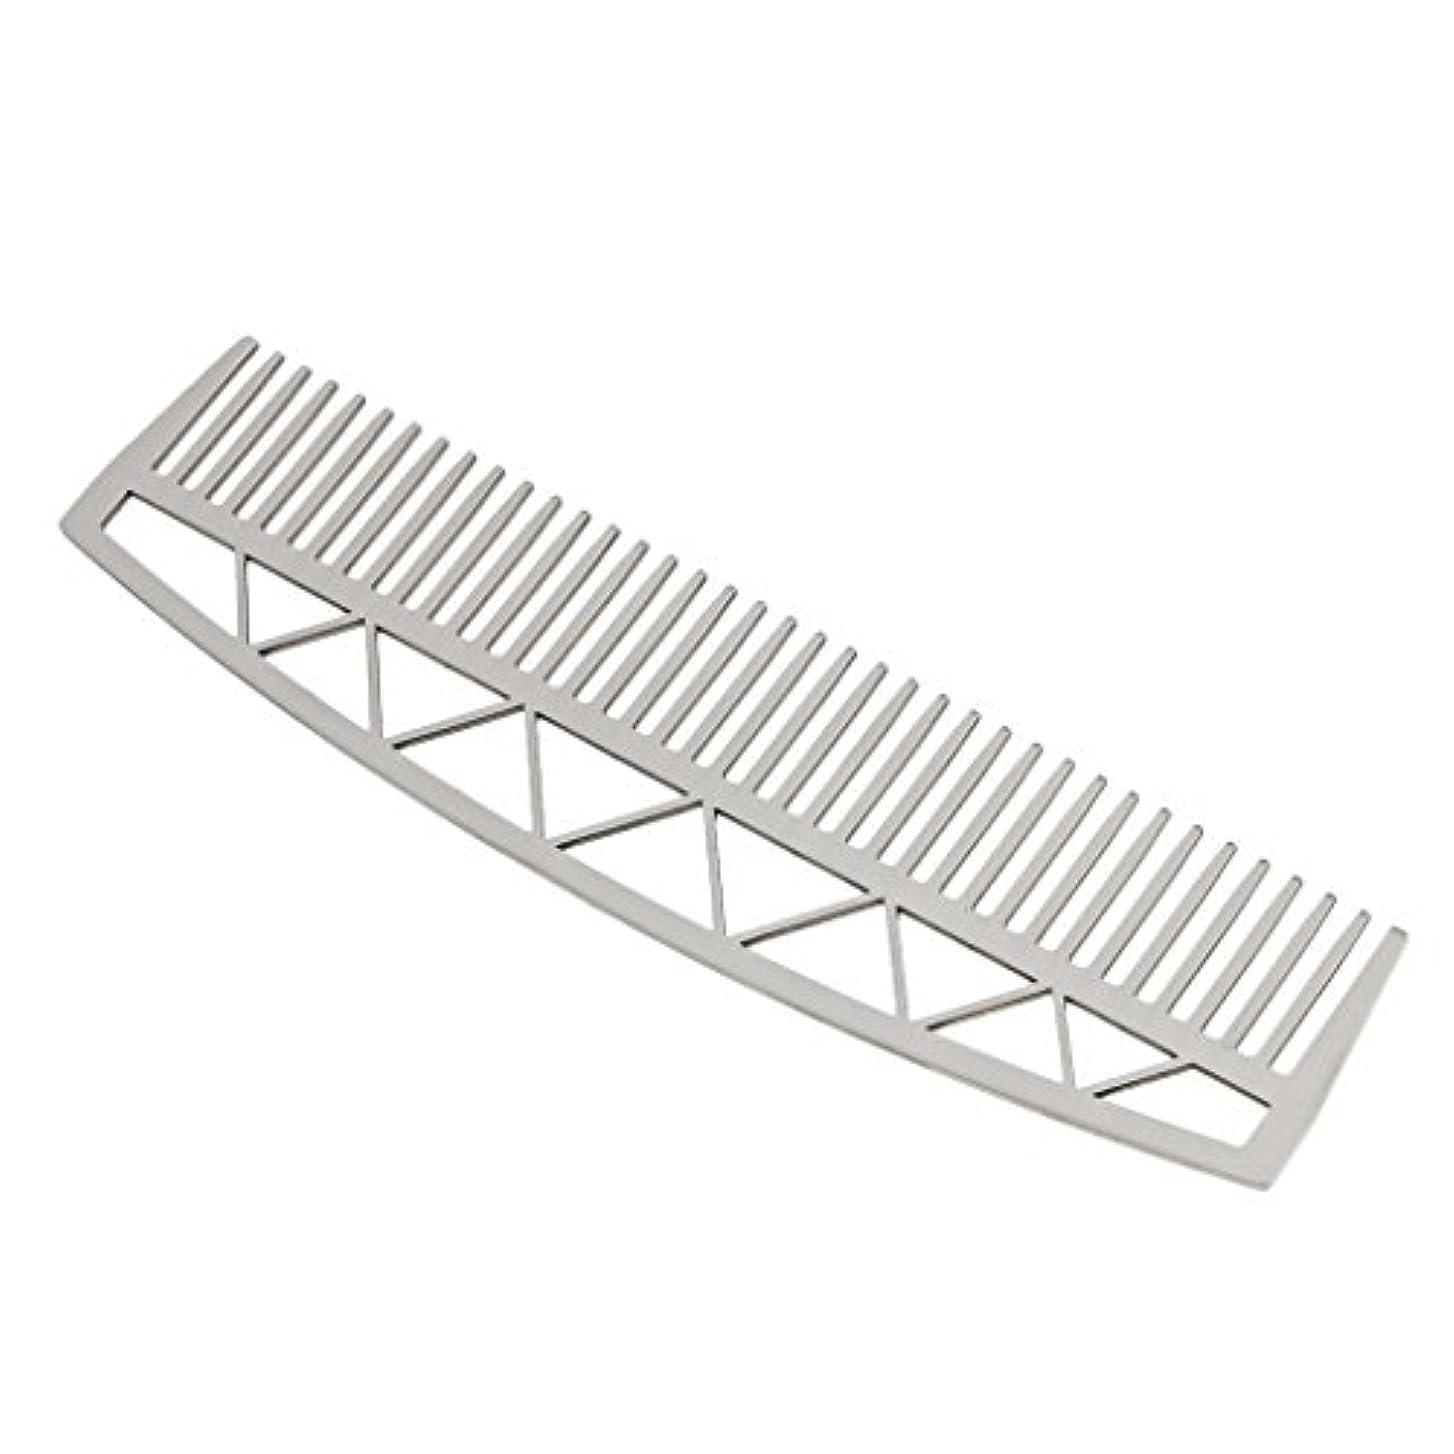 効果的ホース信頼性のある口ひげ ひげ櫛 メンズ ビアードコーム ヘアコーム ステンレス鋼 耐久性 耐熱性 2タイプ - #2